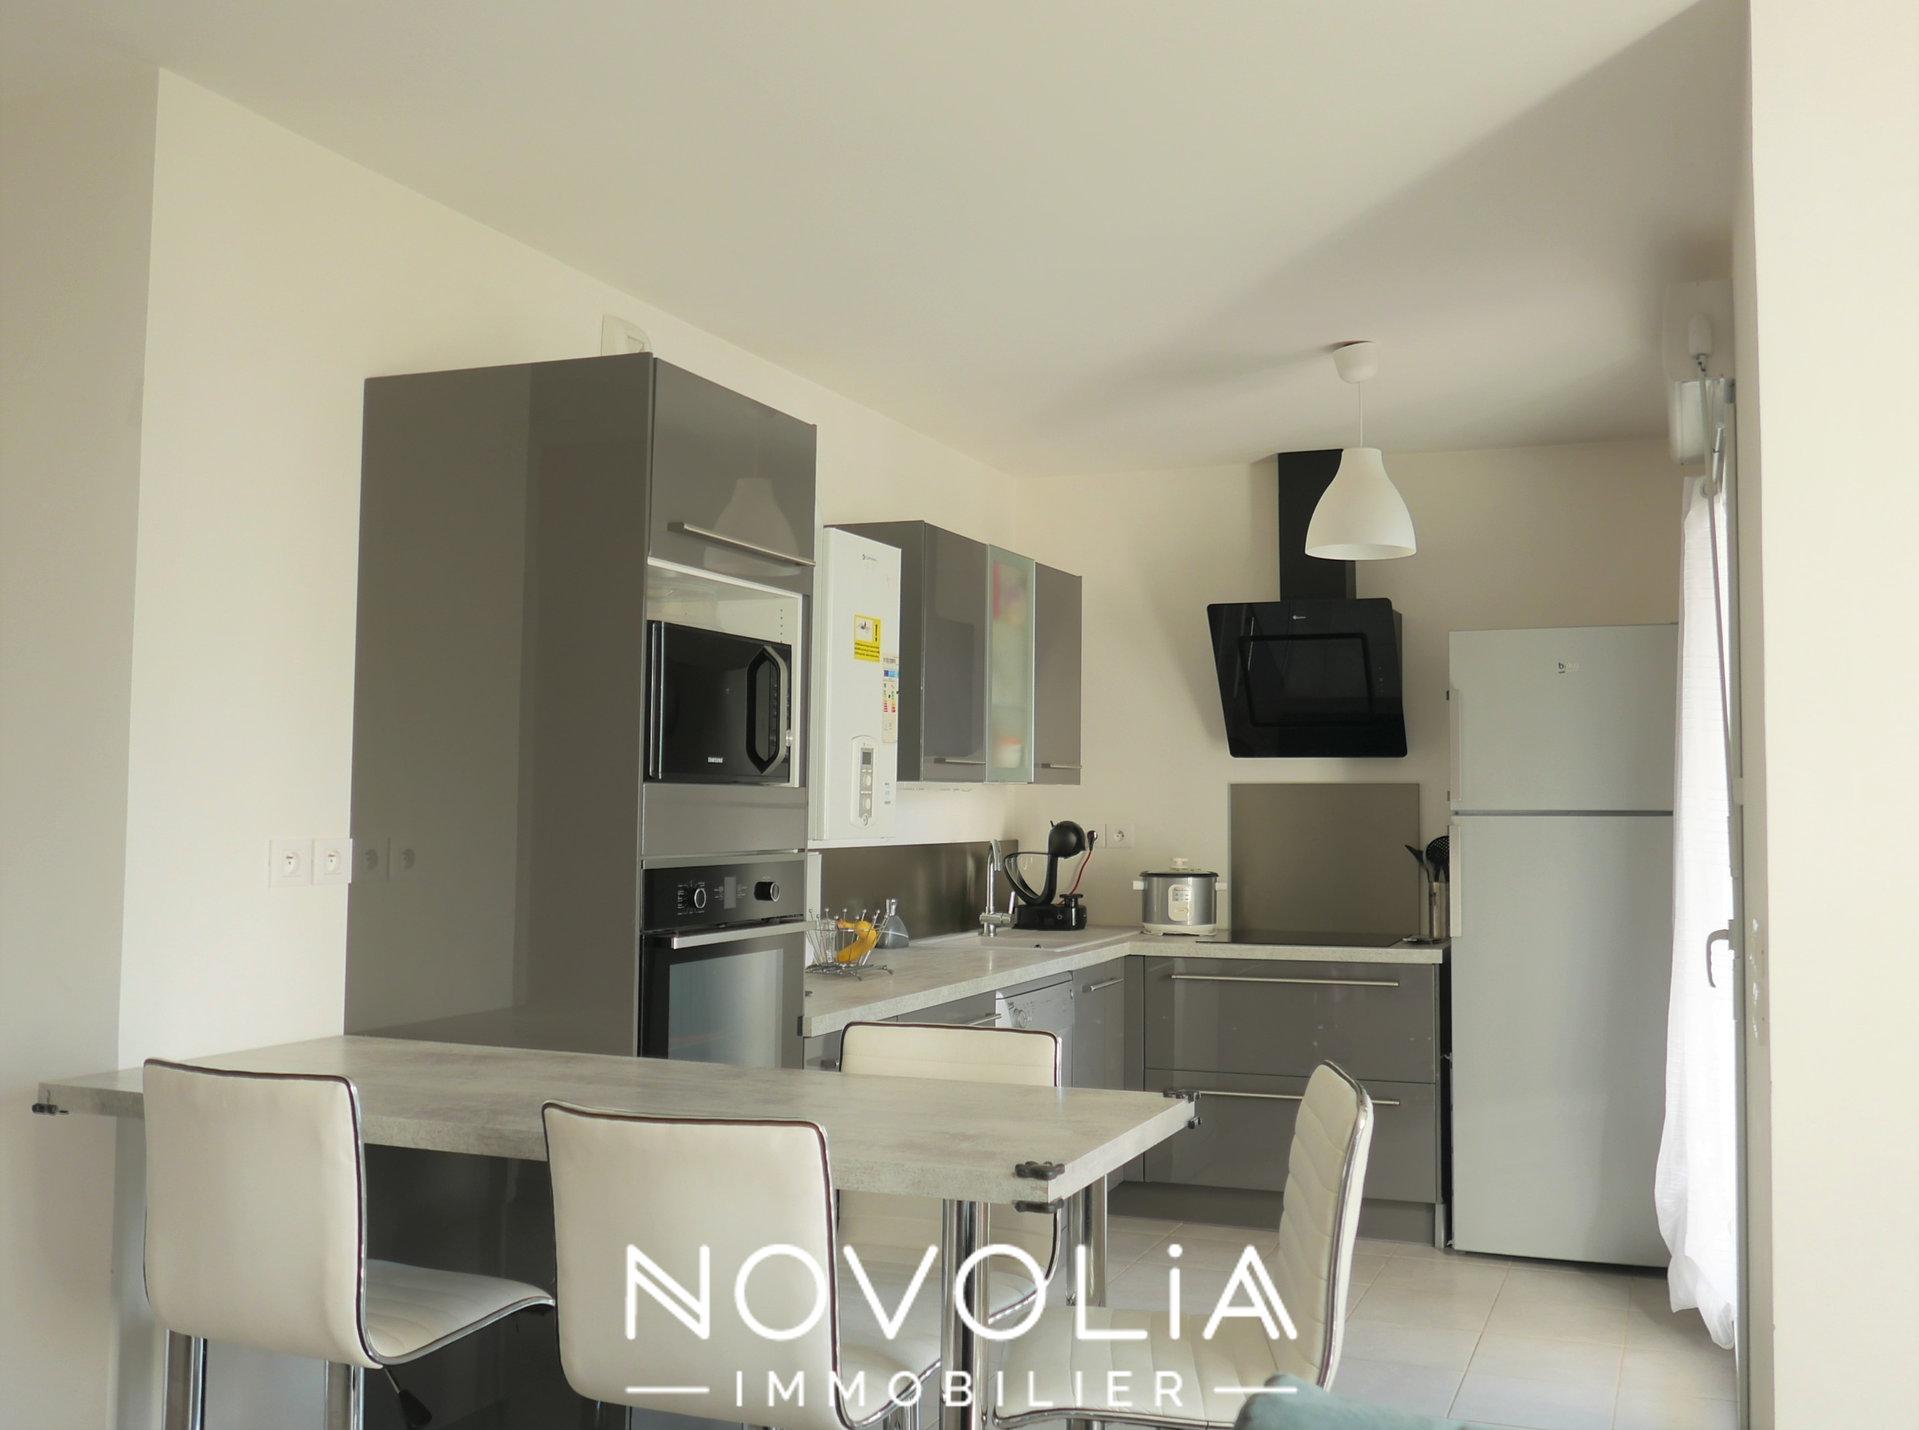 Achat Appartement, Surface de 86 m²/ Total carrez : 79 m², 4 pièces, Vénissieux (69200)